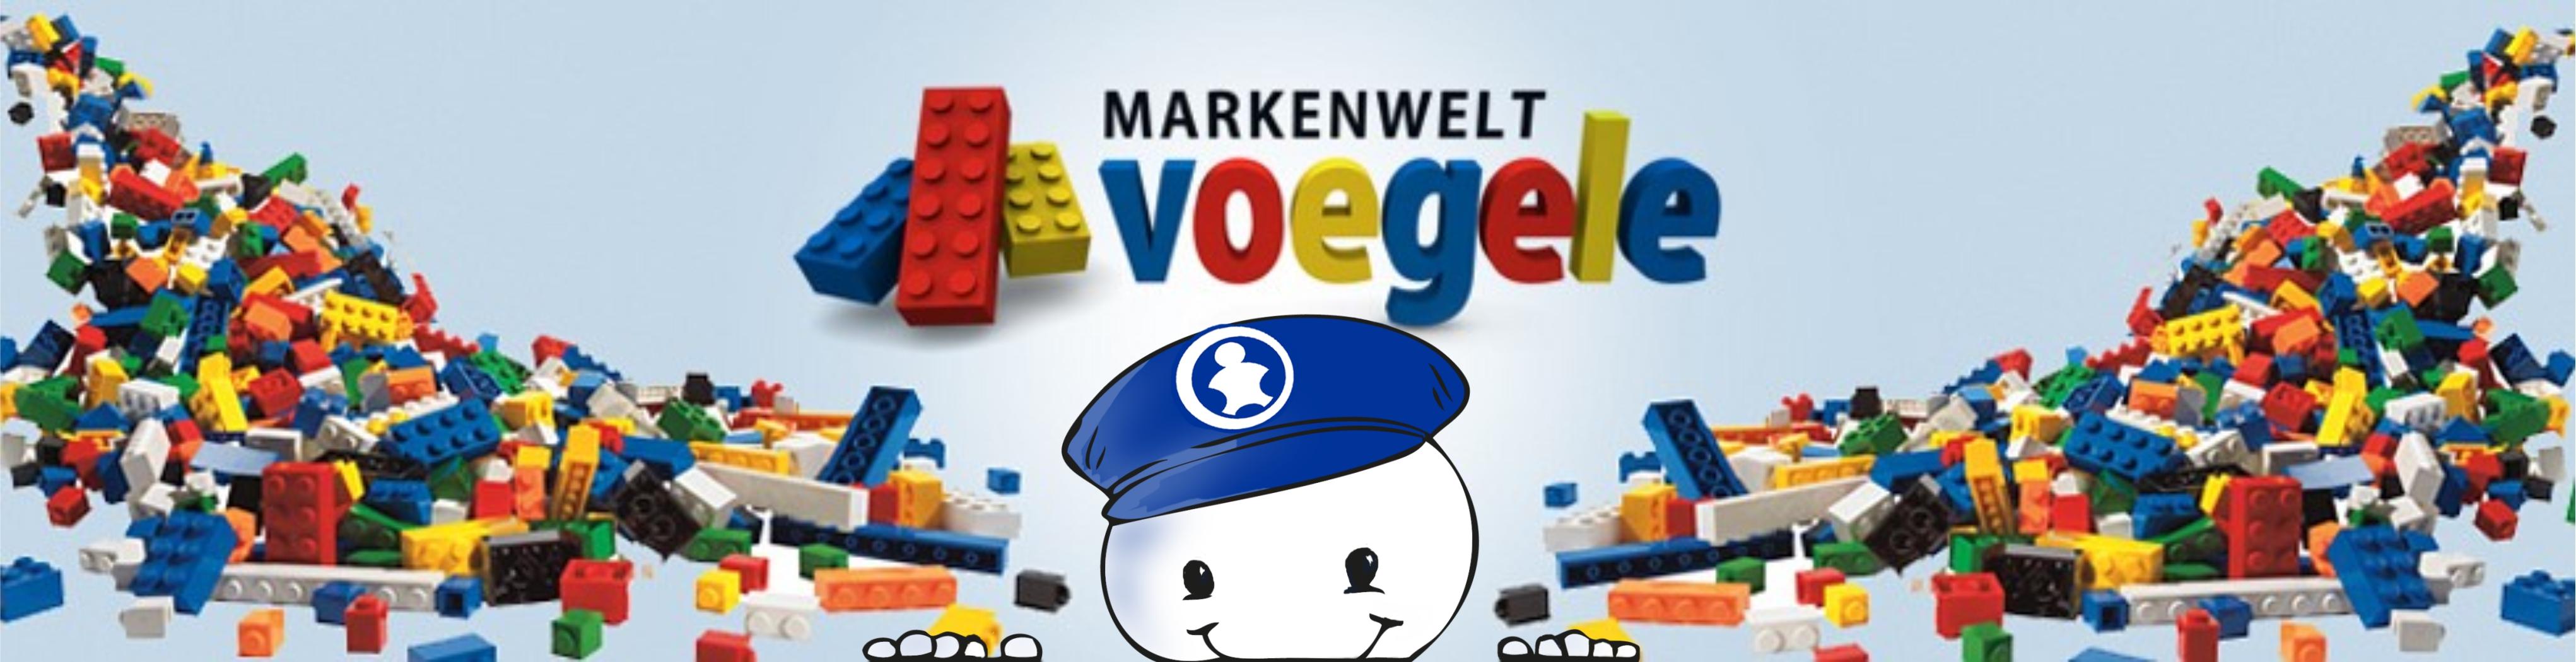 Markenwelt Voegele-Logo